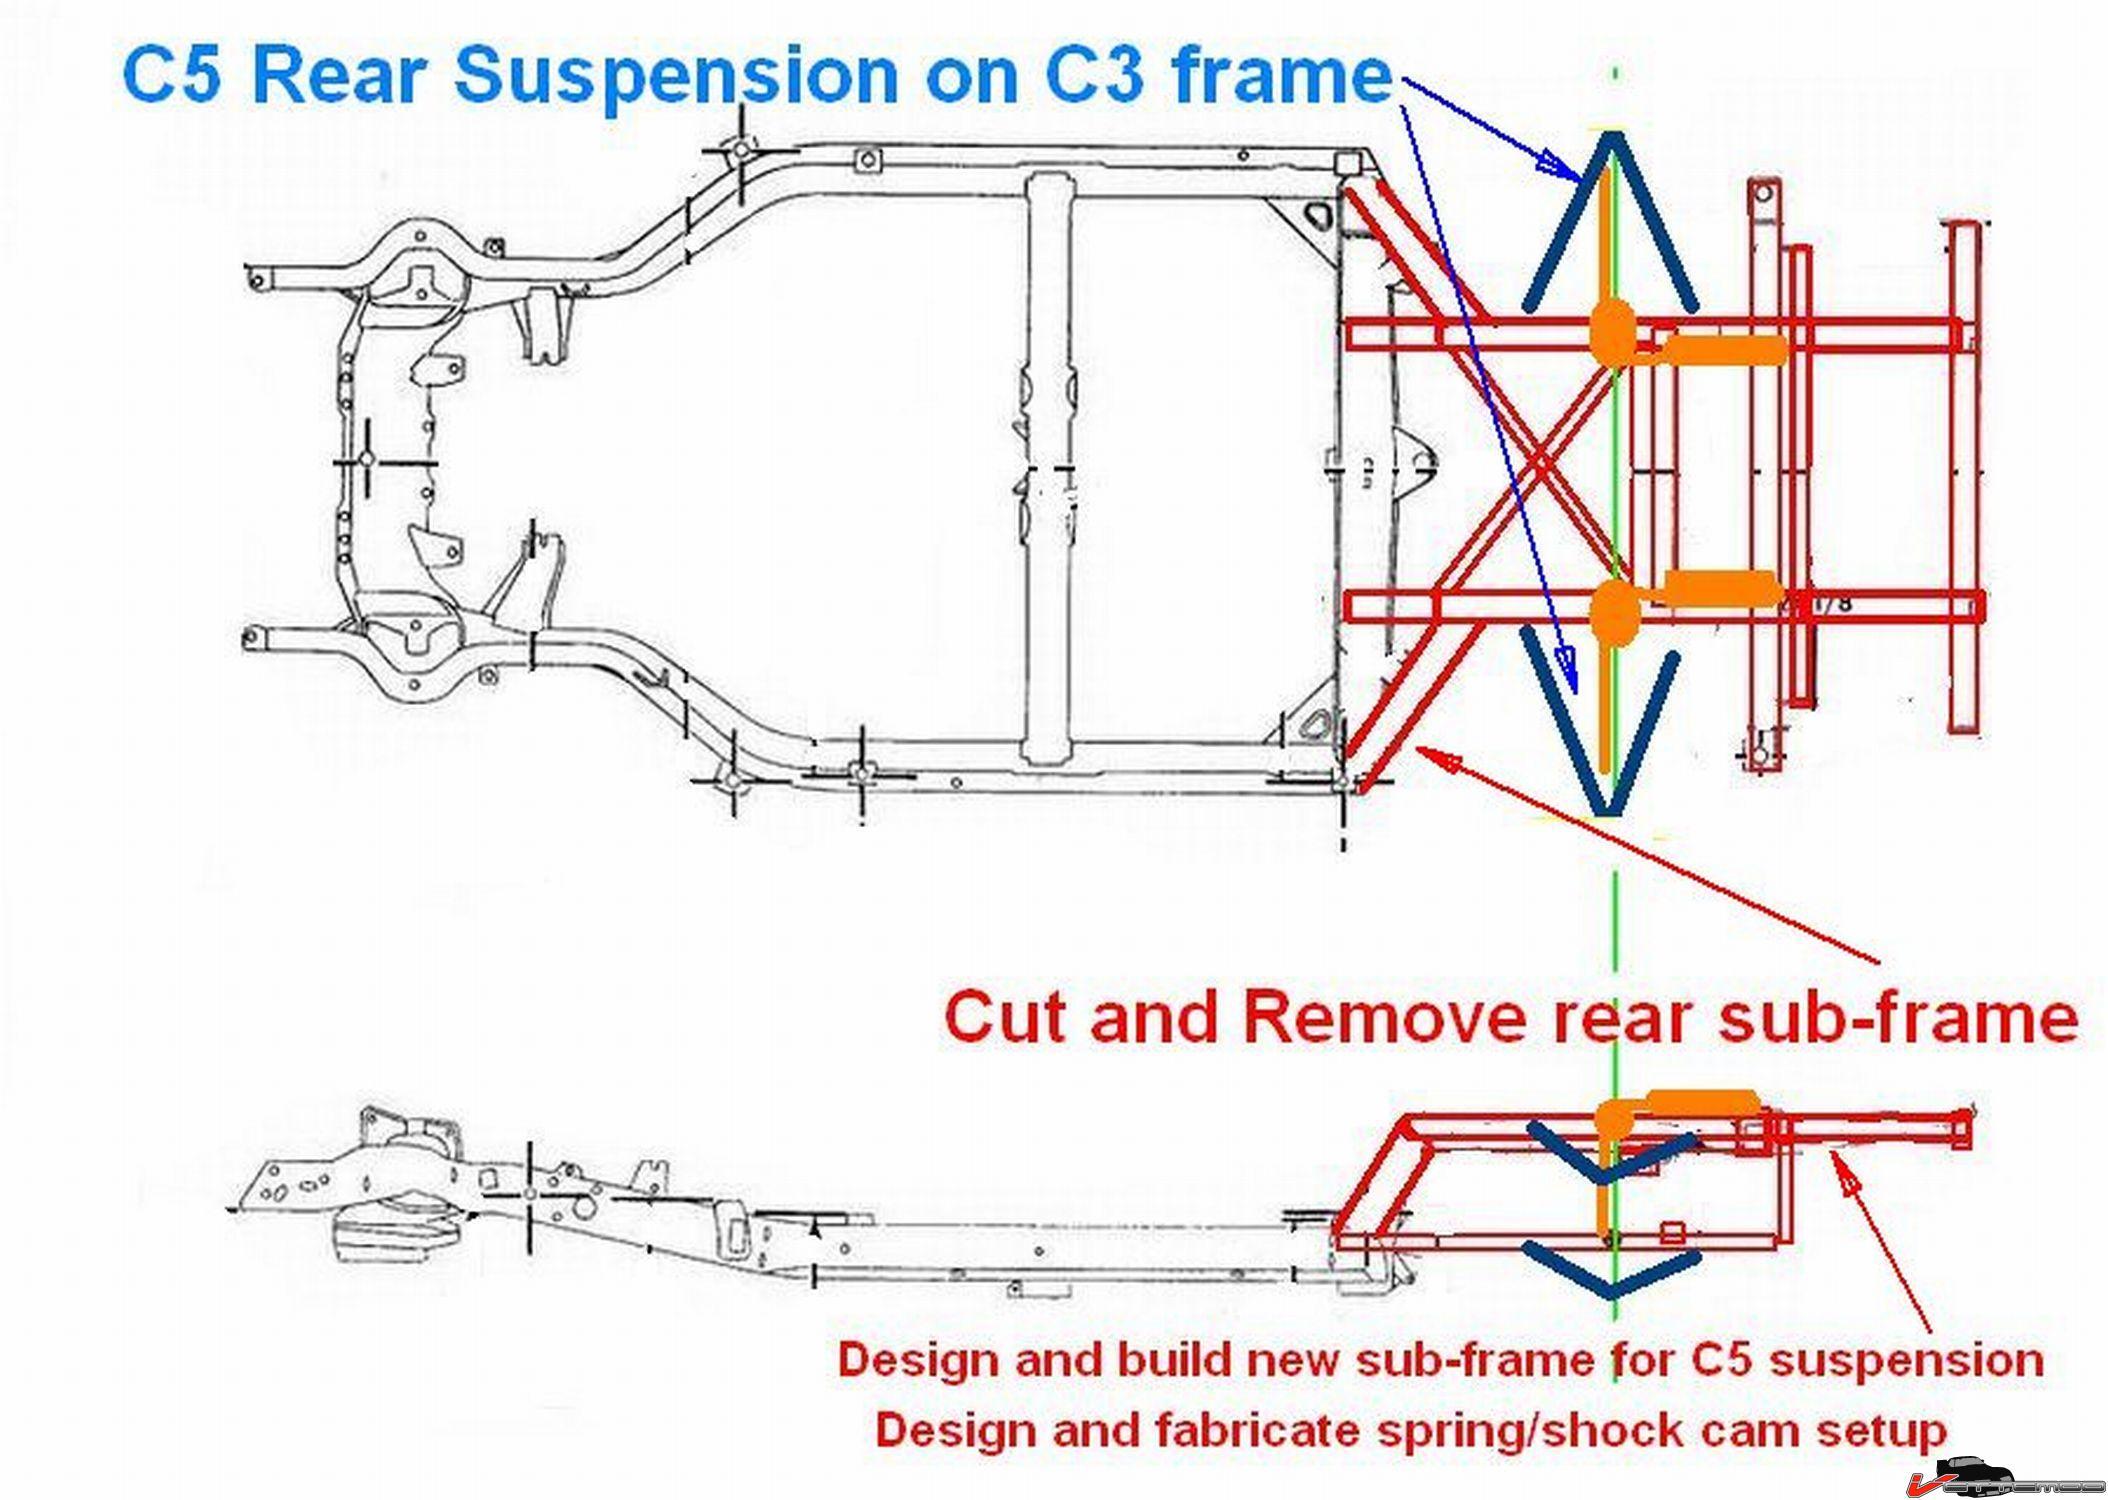 c4 corvette suspension diagram wiring for house plugs c5 schematic rear corvetteforum chevrolet forum discussion